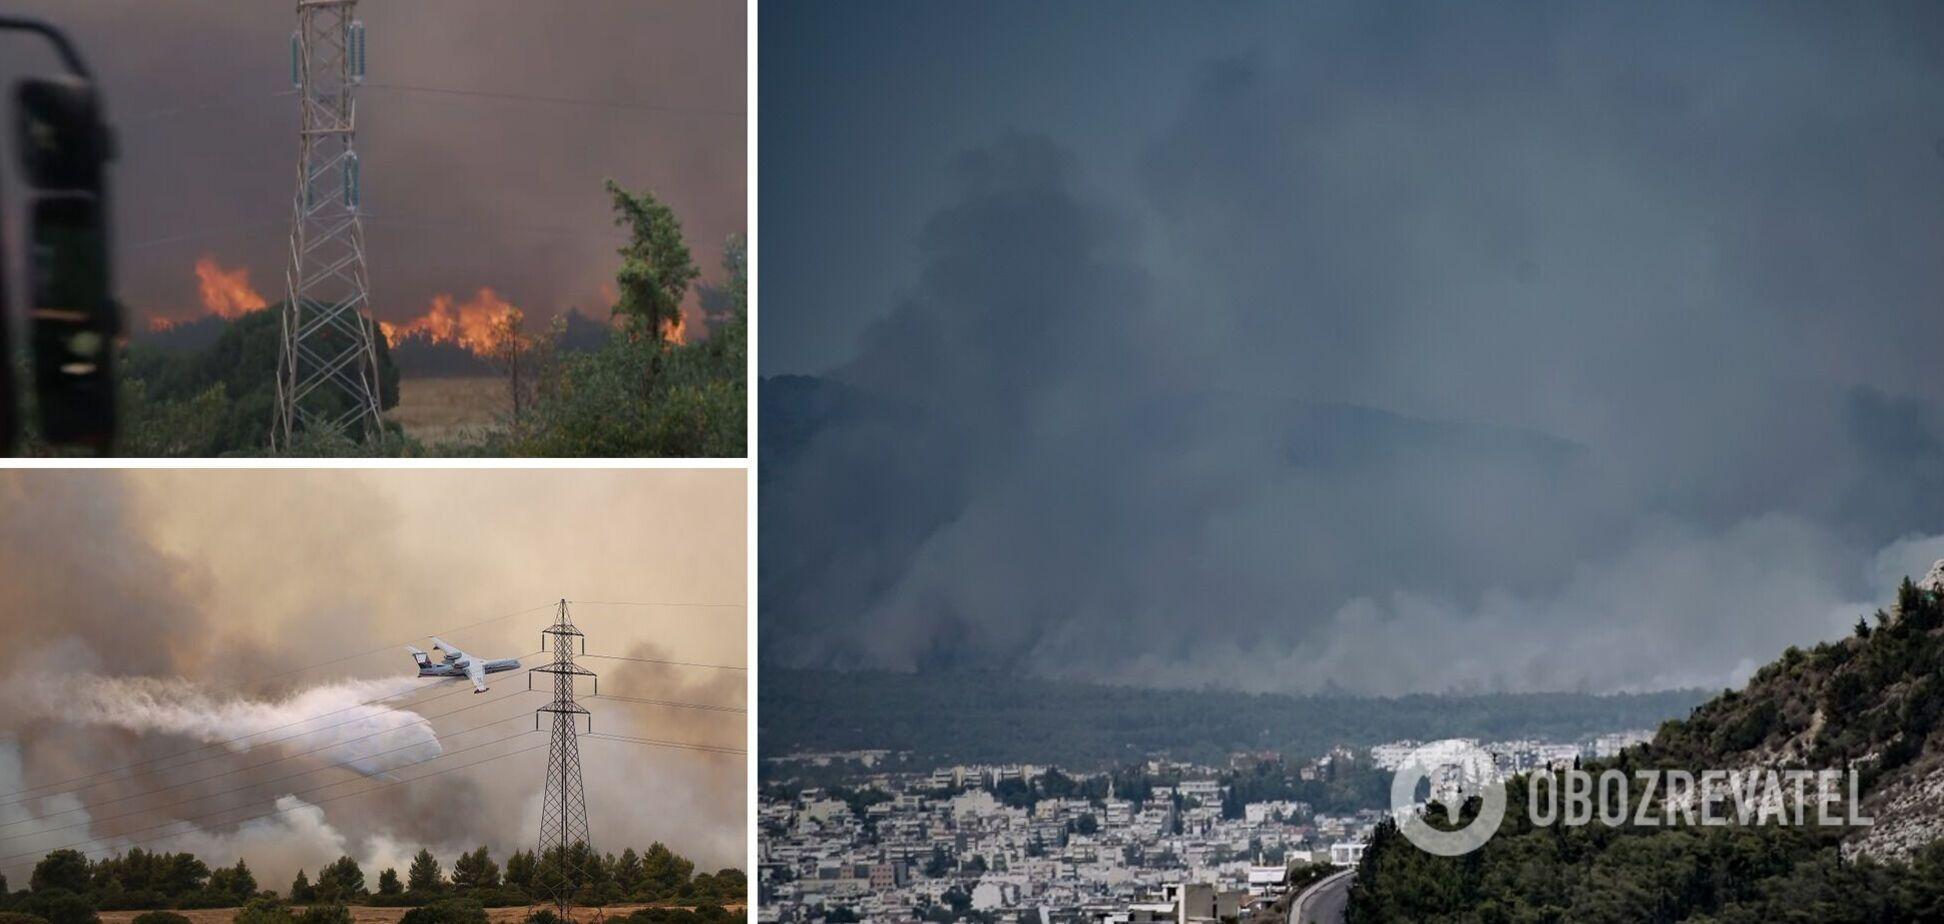 Лесные пожары вспыхнули возле Афин, власти объявили эвакуацию. Фото и видео